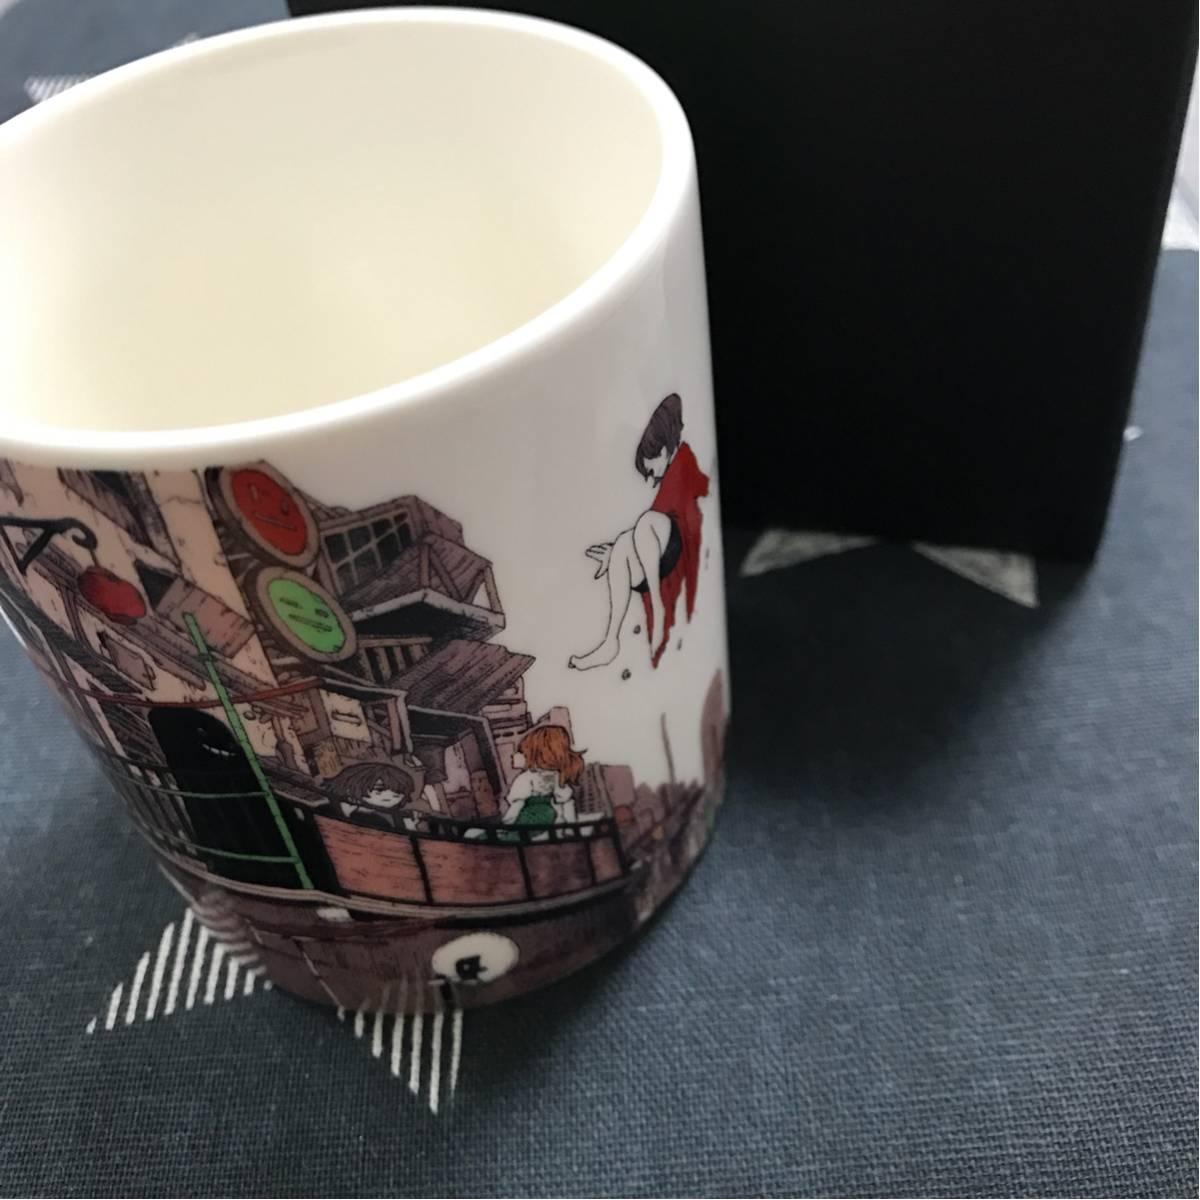 新品未使用 米津玄師 ルーヴル美術館 No.9 限定 マグカップ